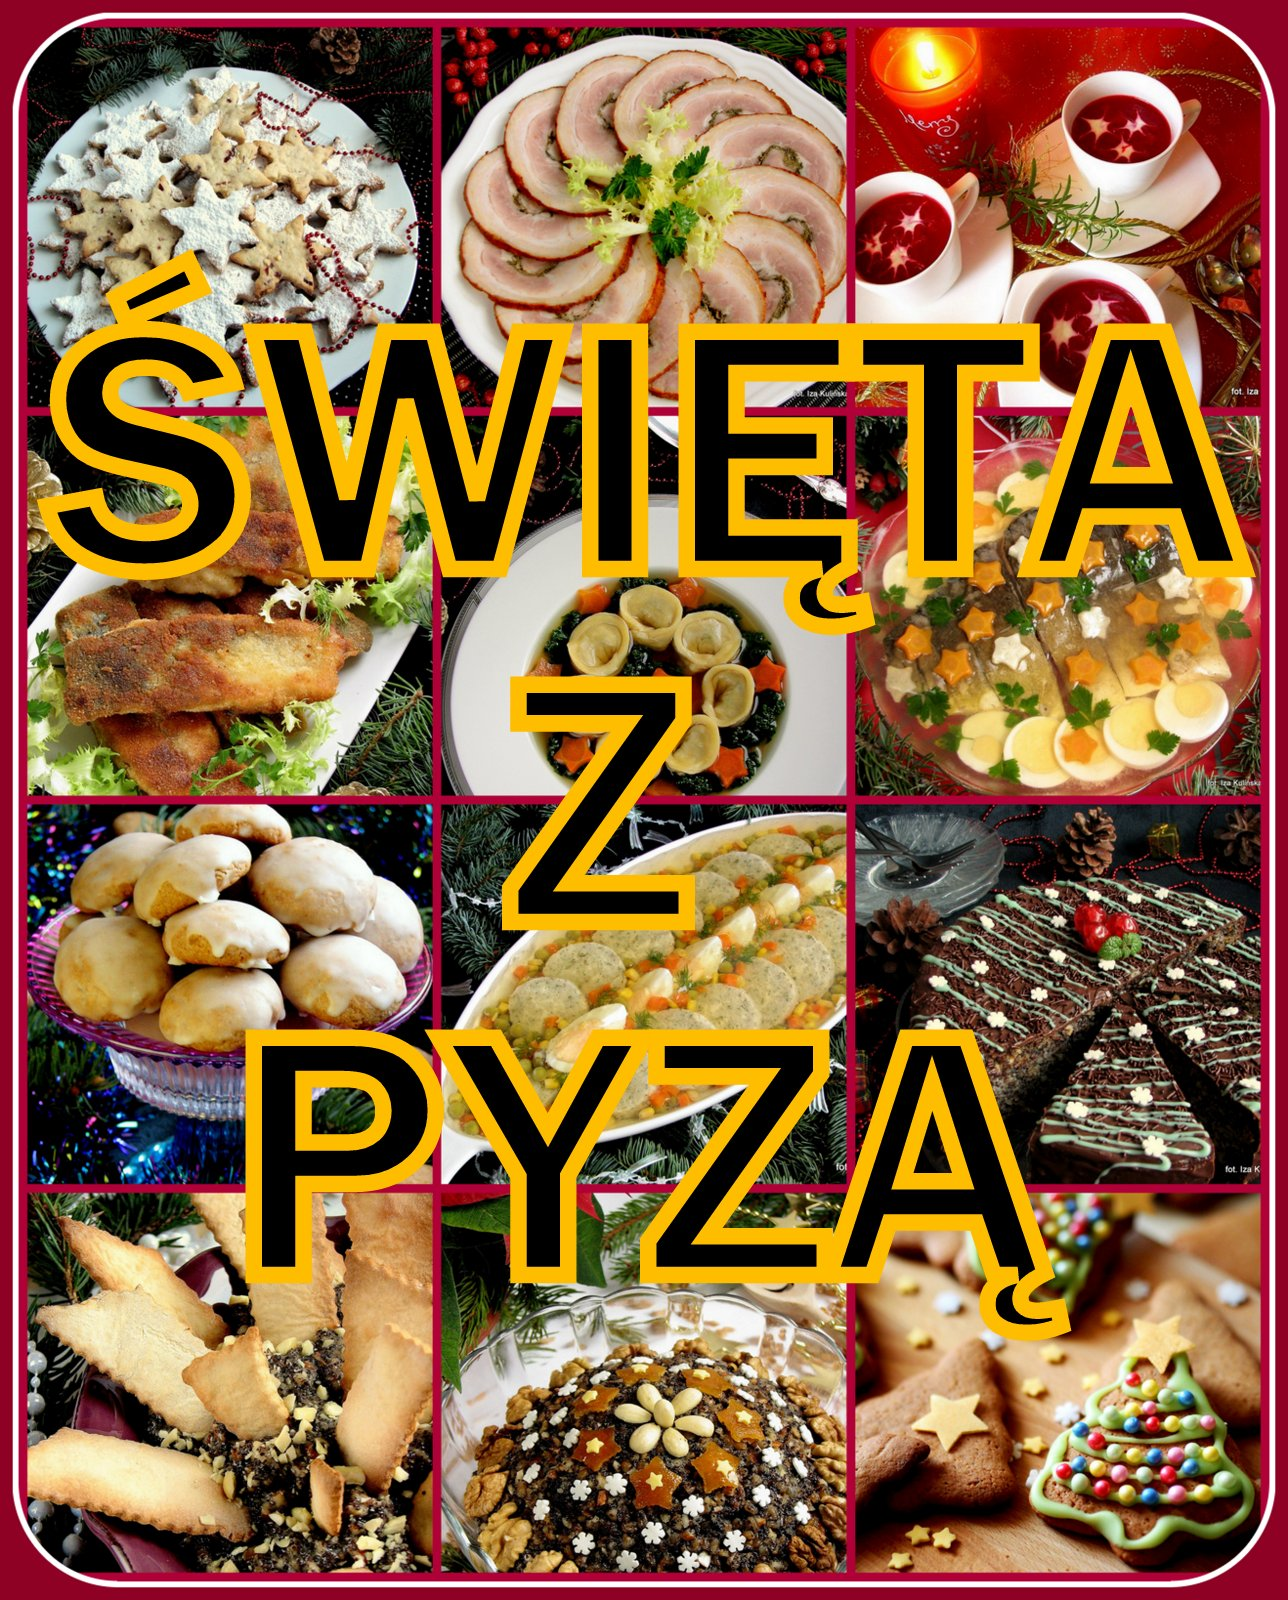 http://smacznapyza.blogspot.com/p/dania-na-wigilie-i-boze-narodzenie.html